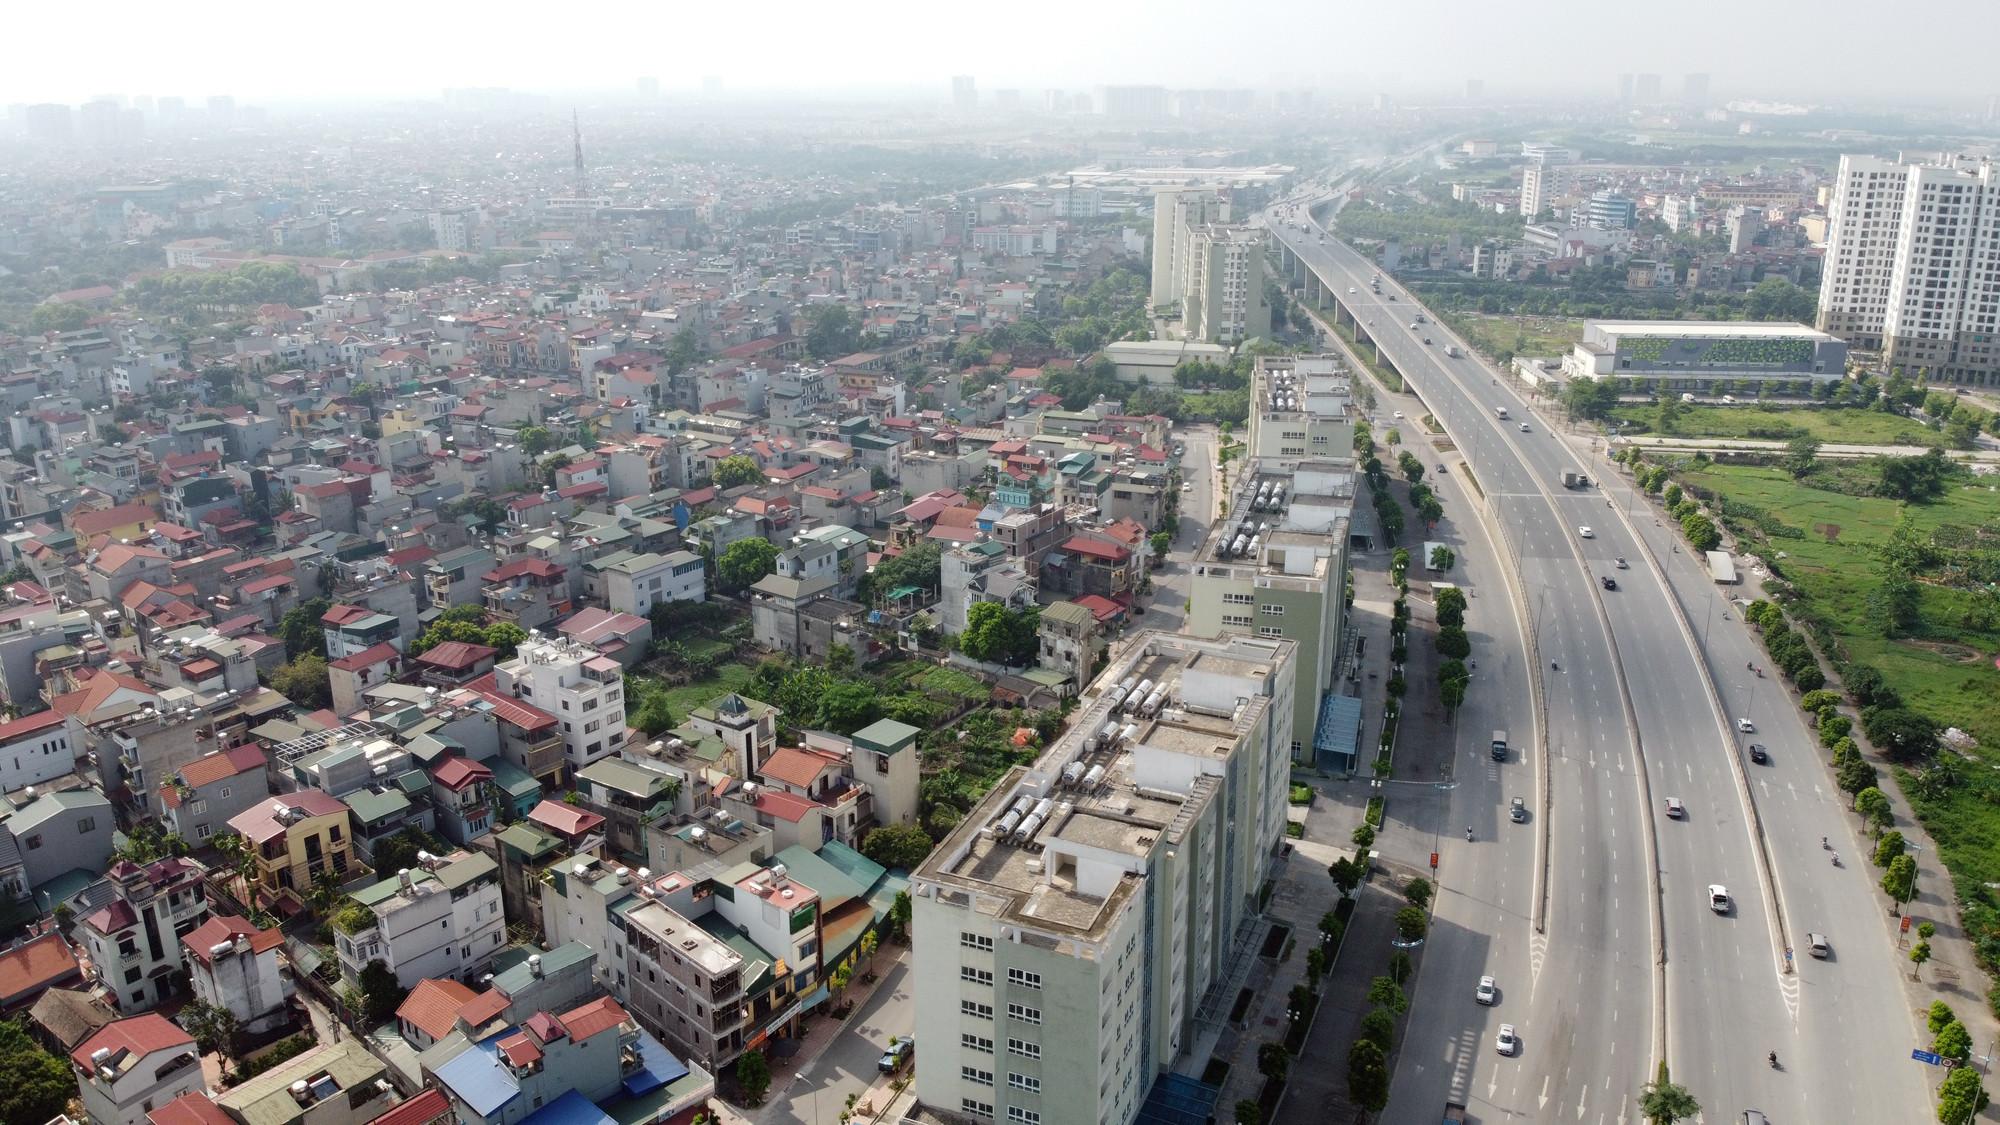 Thị trường bất động sản 2021: Giá nhà dự báo tiếp tục tăng - Ảnh 1.